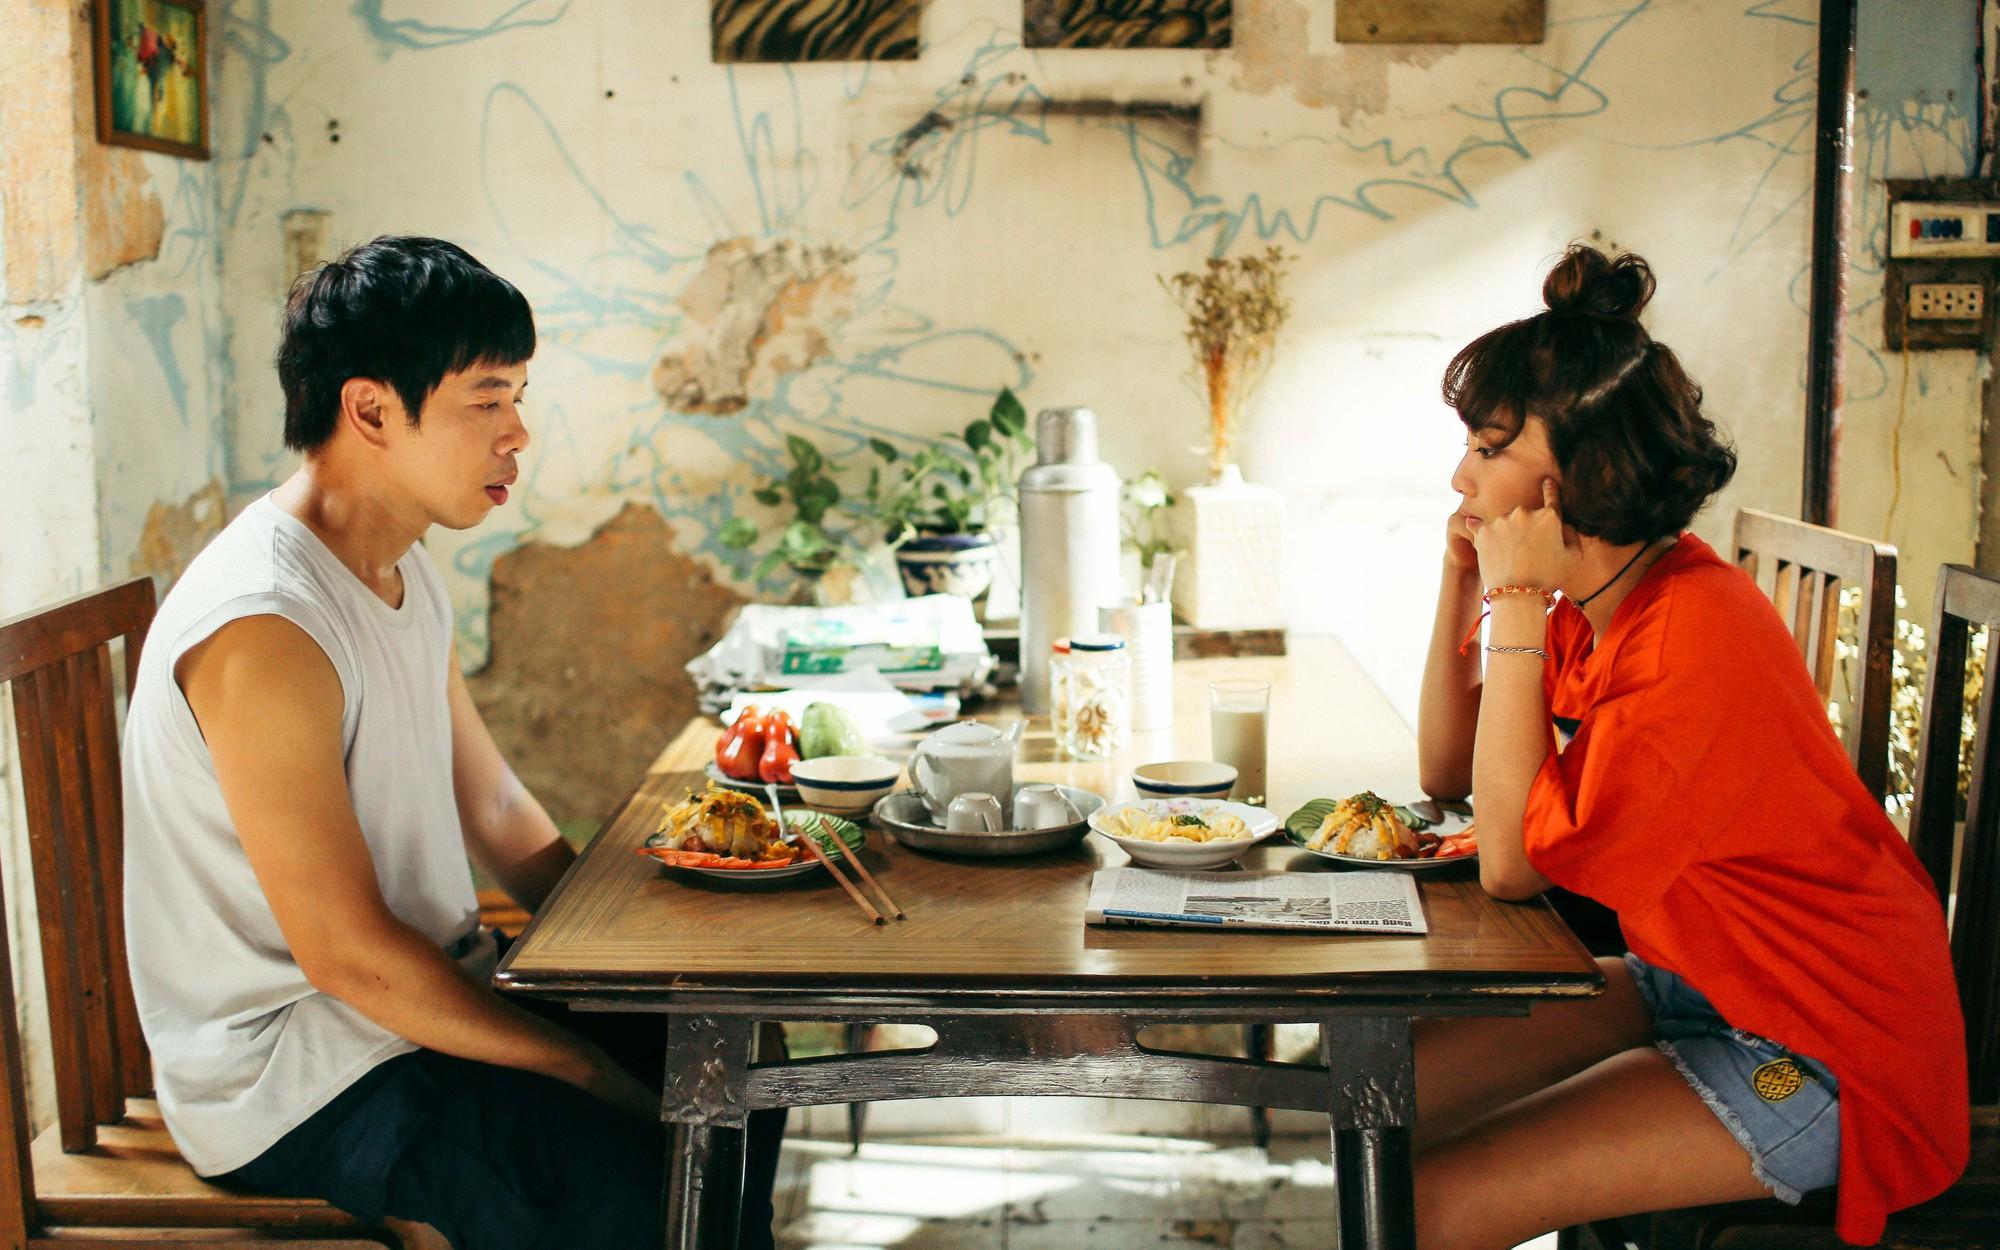 14 sự thật hiểm hóc đằng sau ống kính Chàng Vợ Của Em - phim Việt đáng xem nhất hiện tại - Ảnh 3.